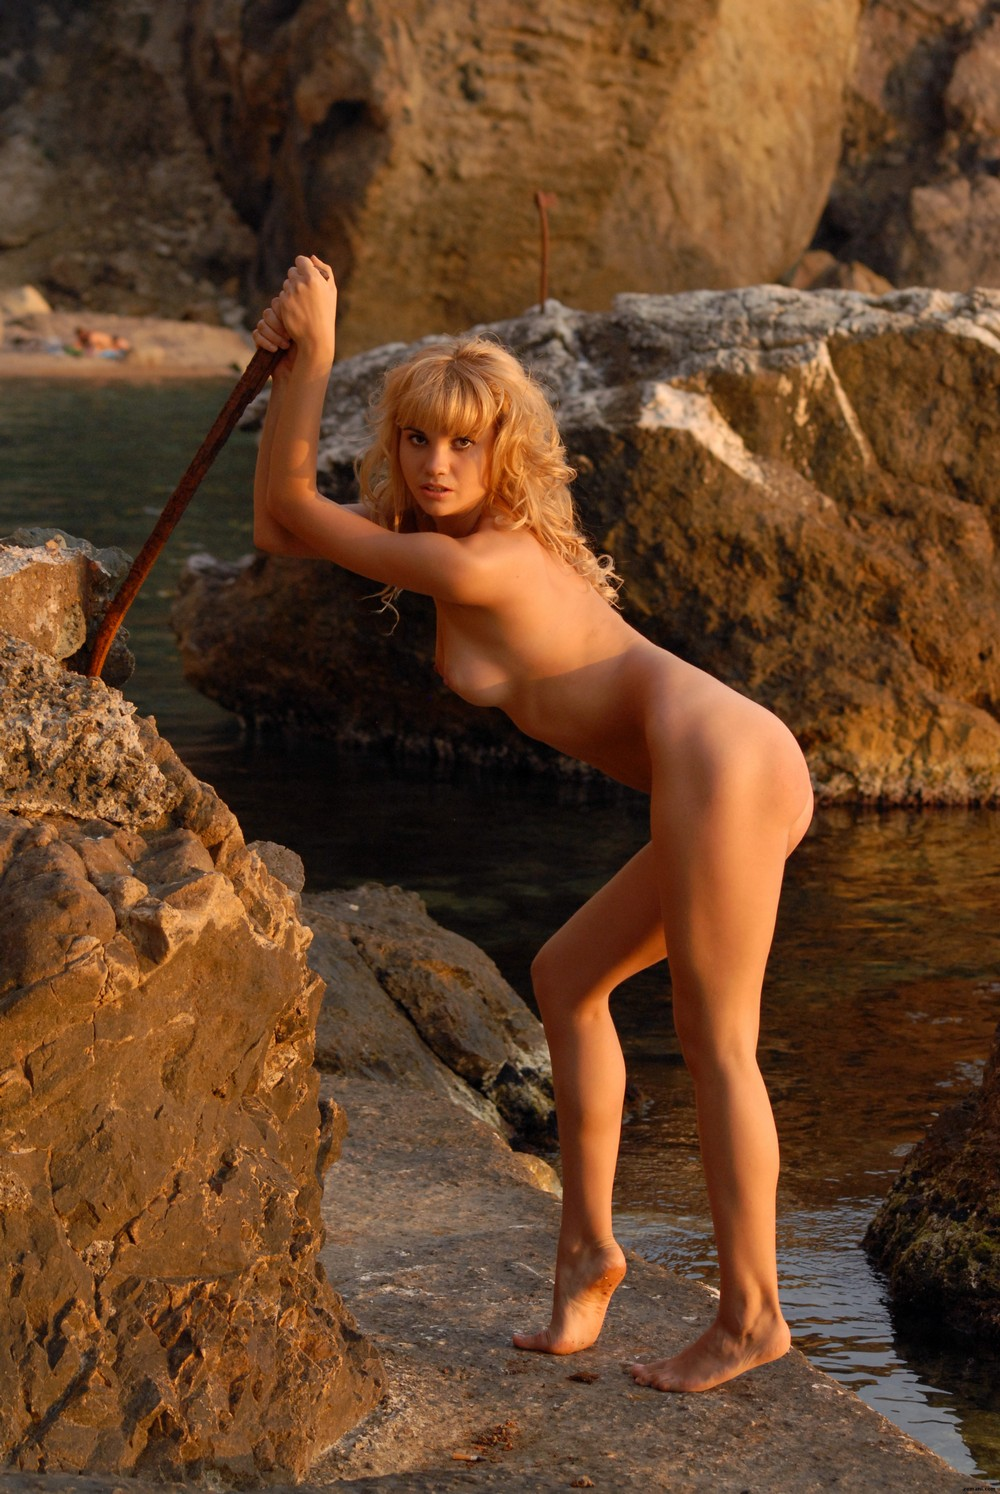 Урсула позирует на прибрежных камнях